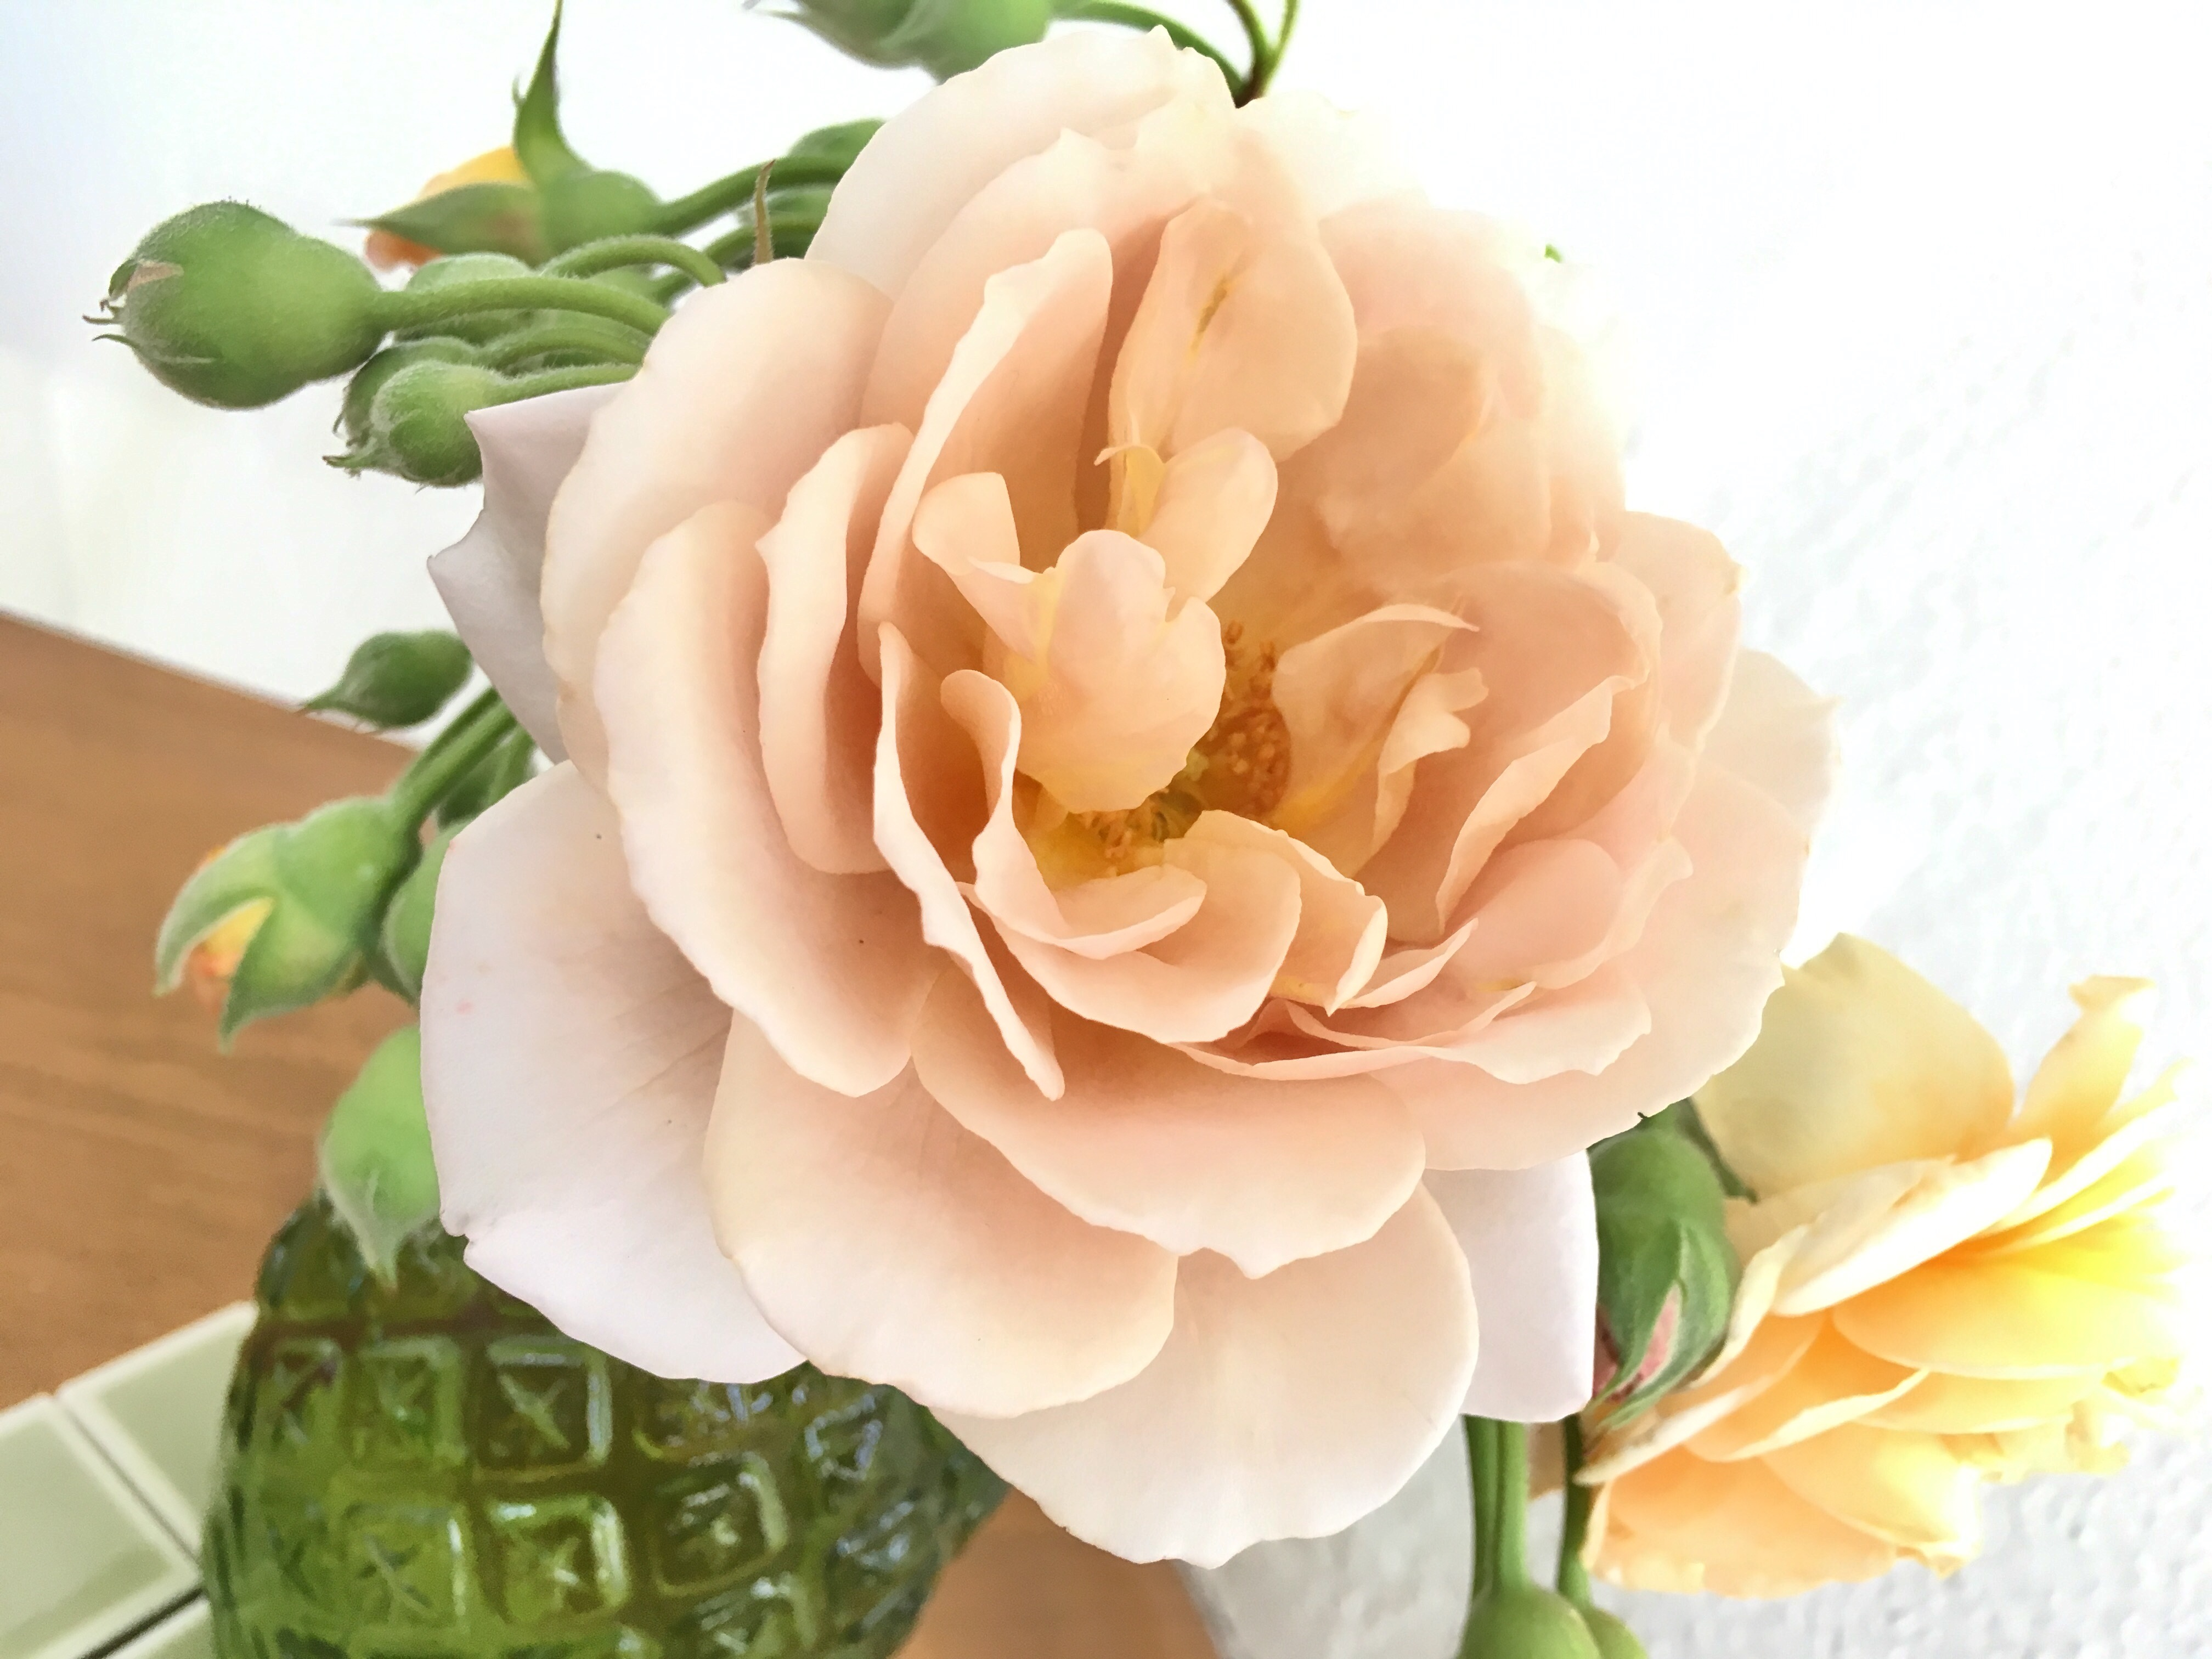 <スタジオグリーン>「綺麗な薔薇には棘がある」バラにはご注意を…